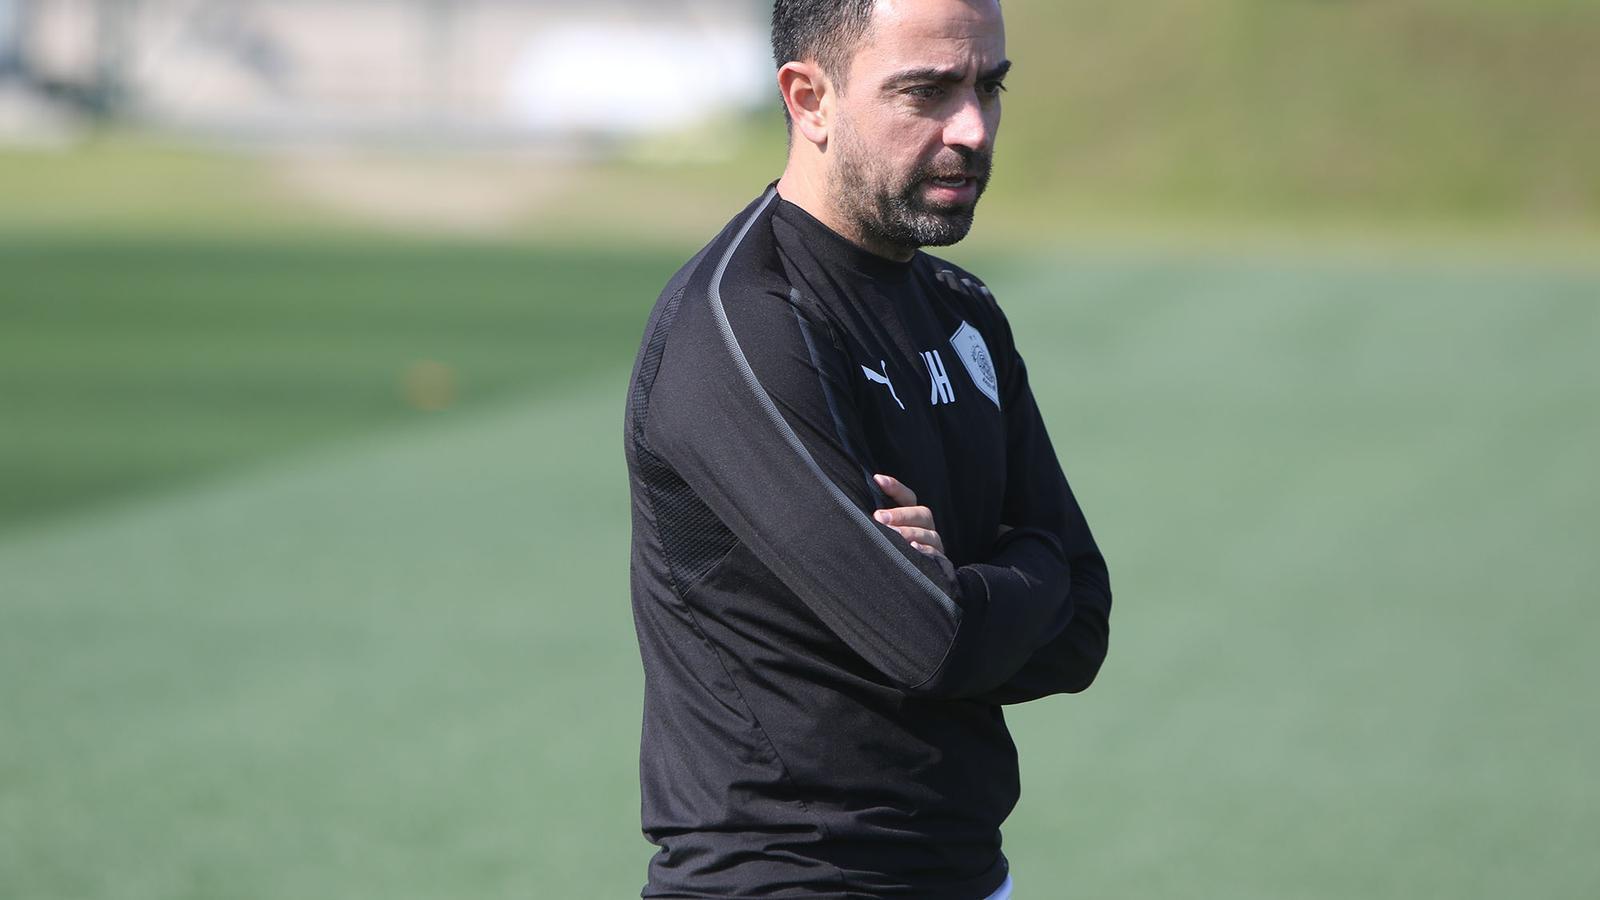 Valverde, sentenciat tot i que Xavi rebutja de moment el seu lloc